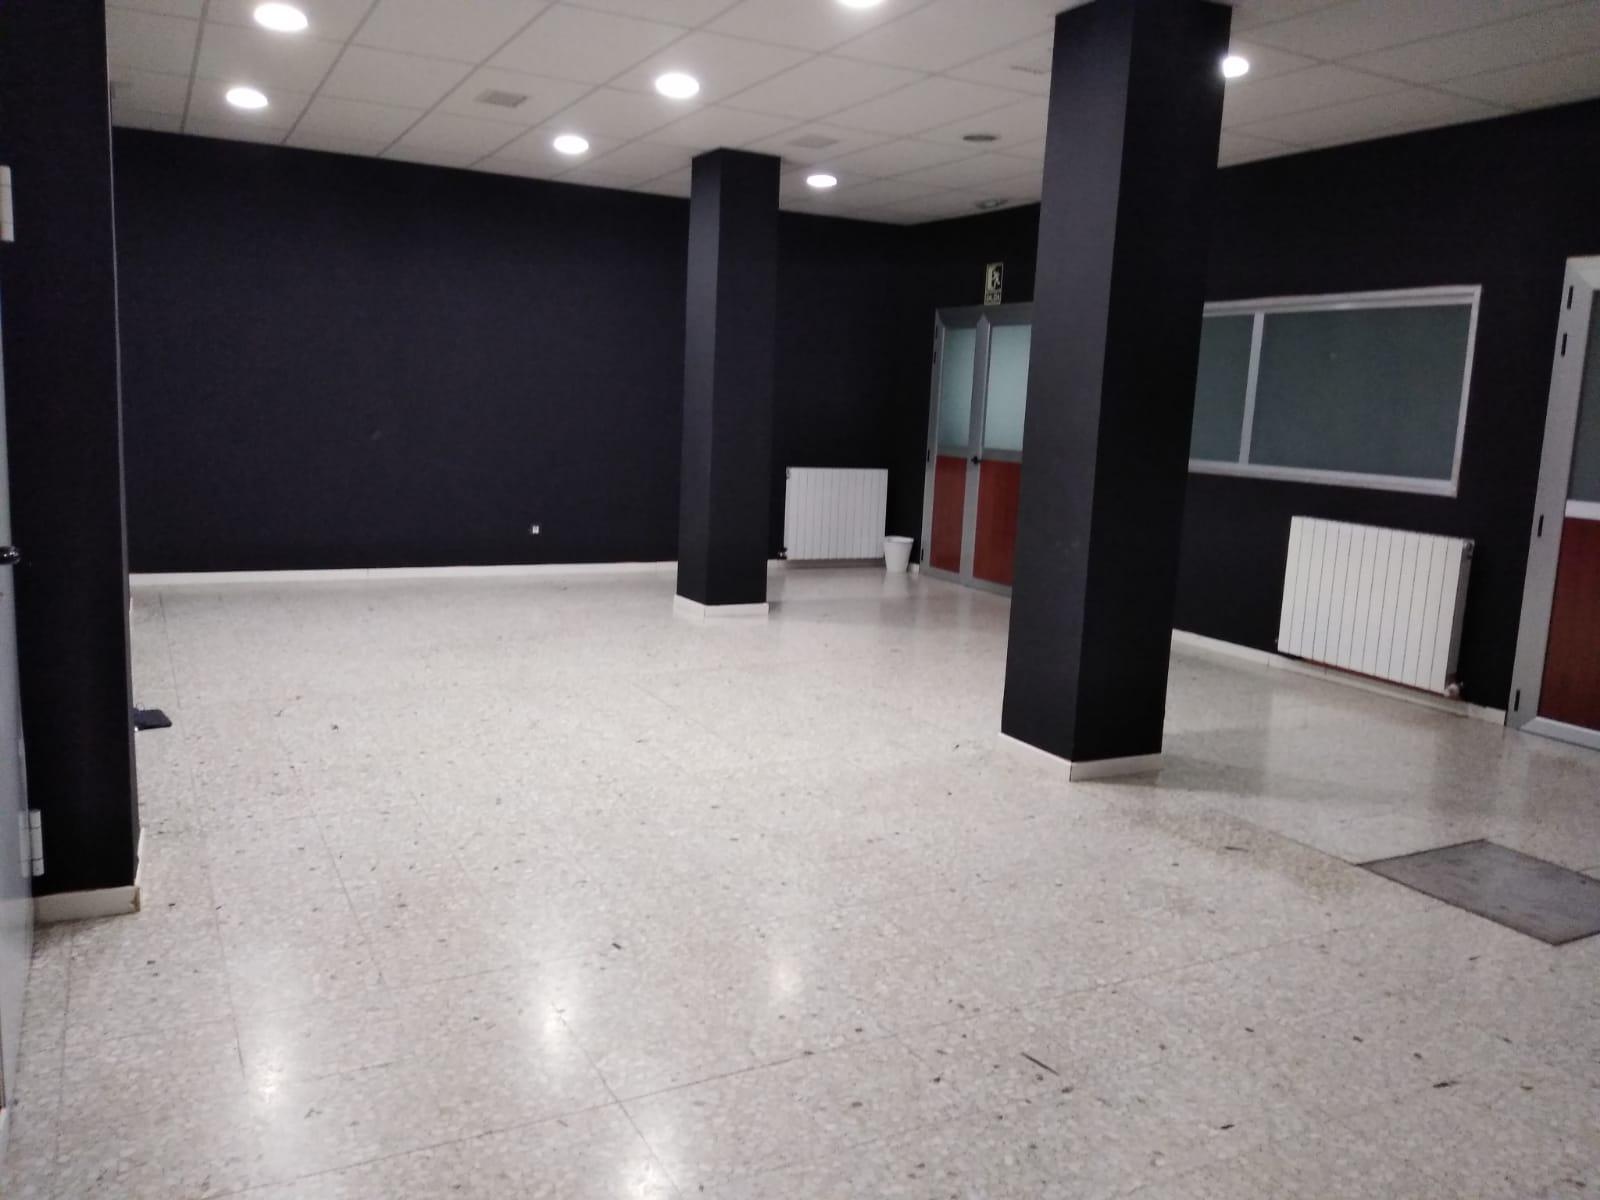 Alquiler aulas y locales ensayo Logroño